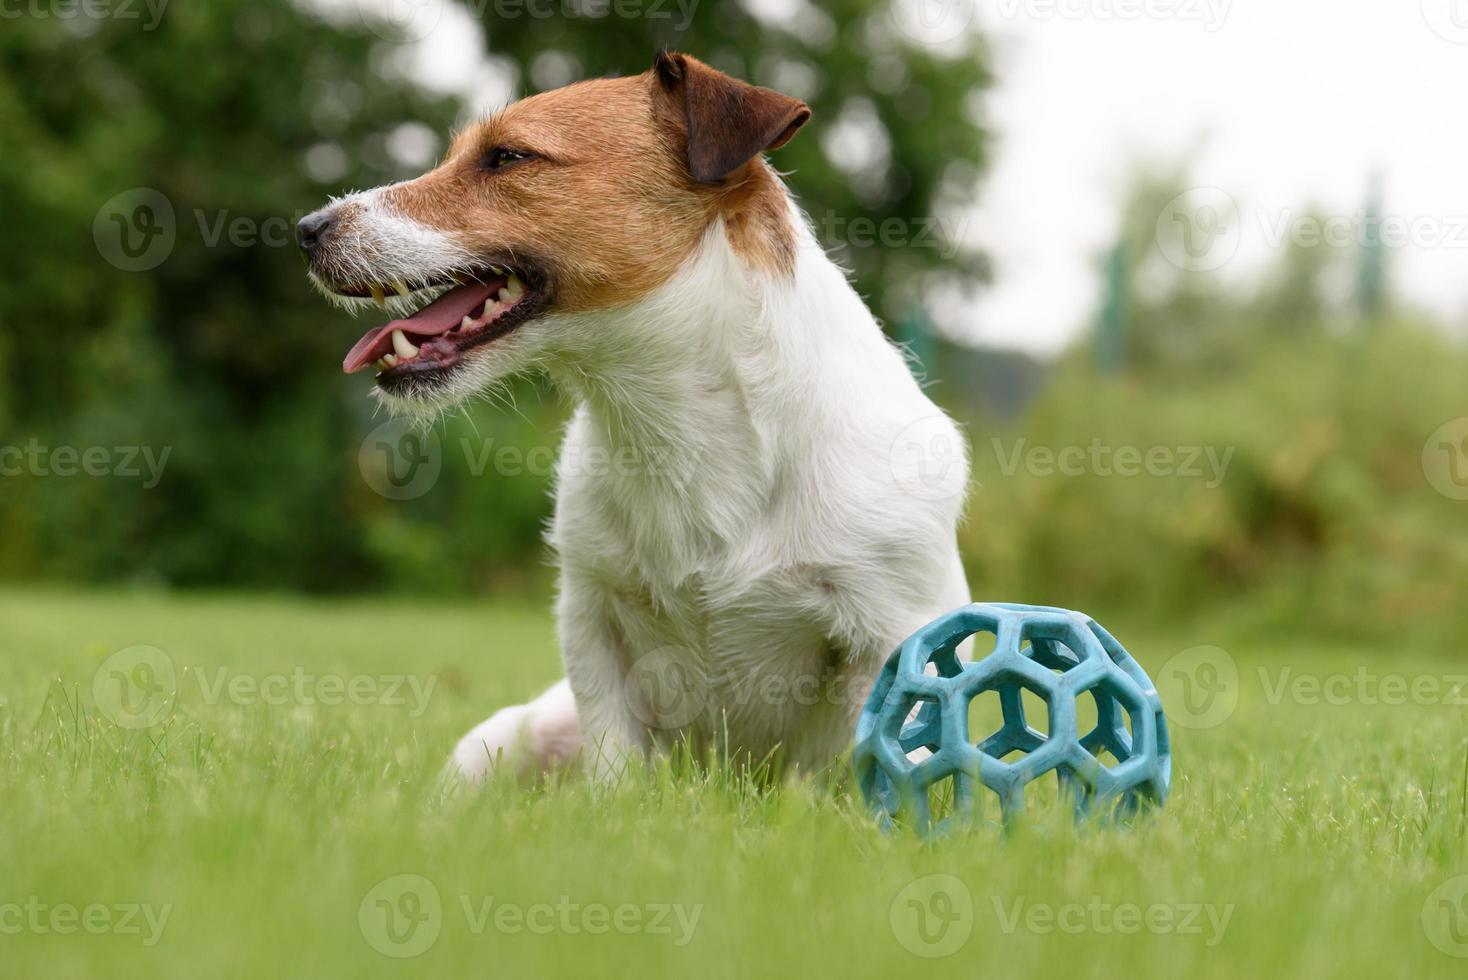 el perro perezoso no quiere jugar con la pelota. foto